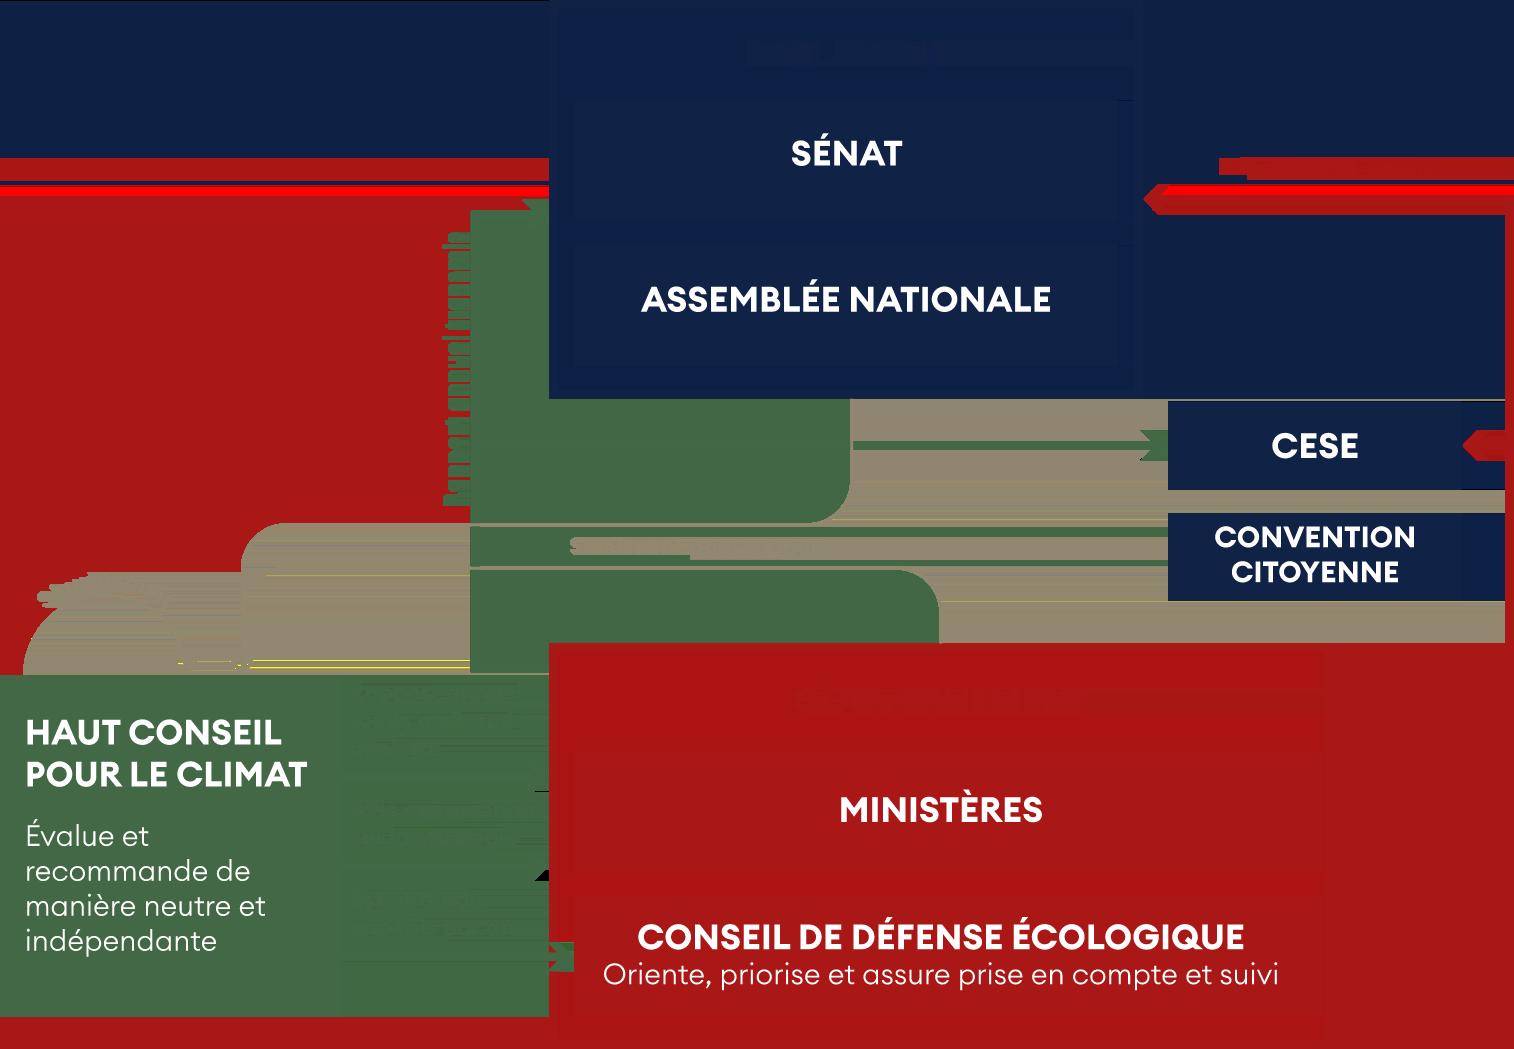 Maîtriser l'empreinte carbone de la France